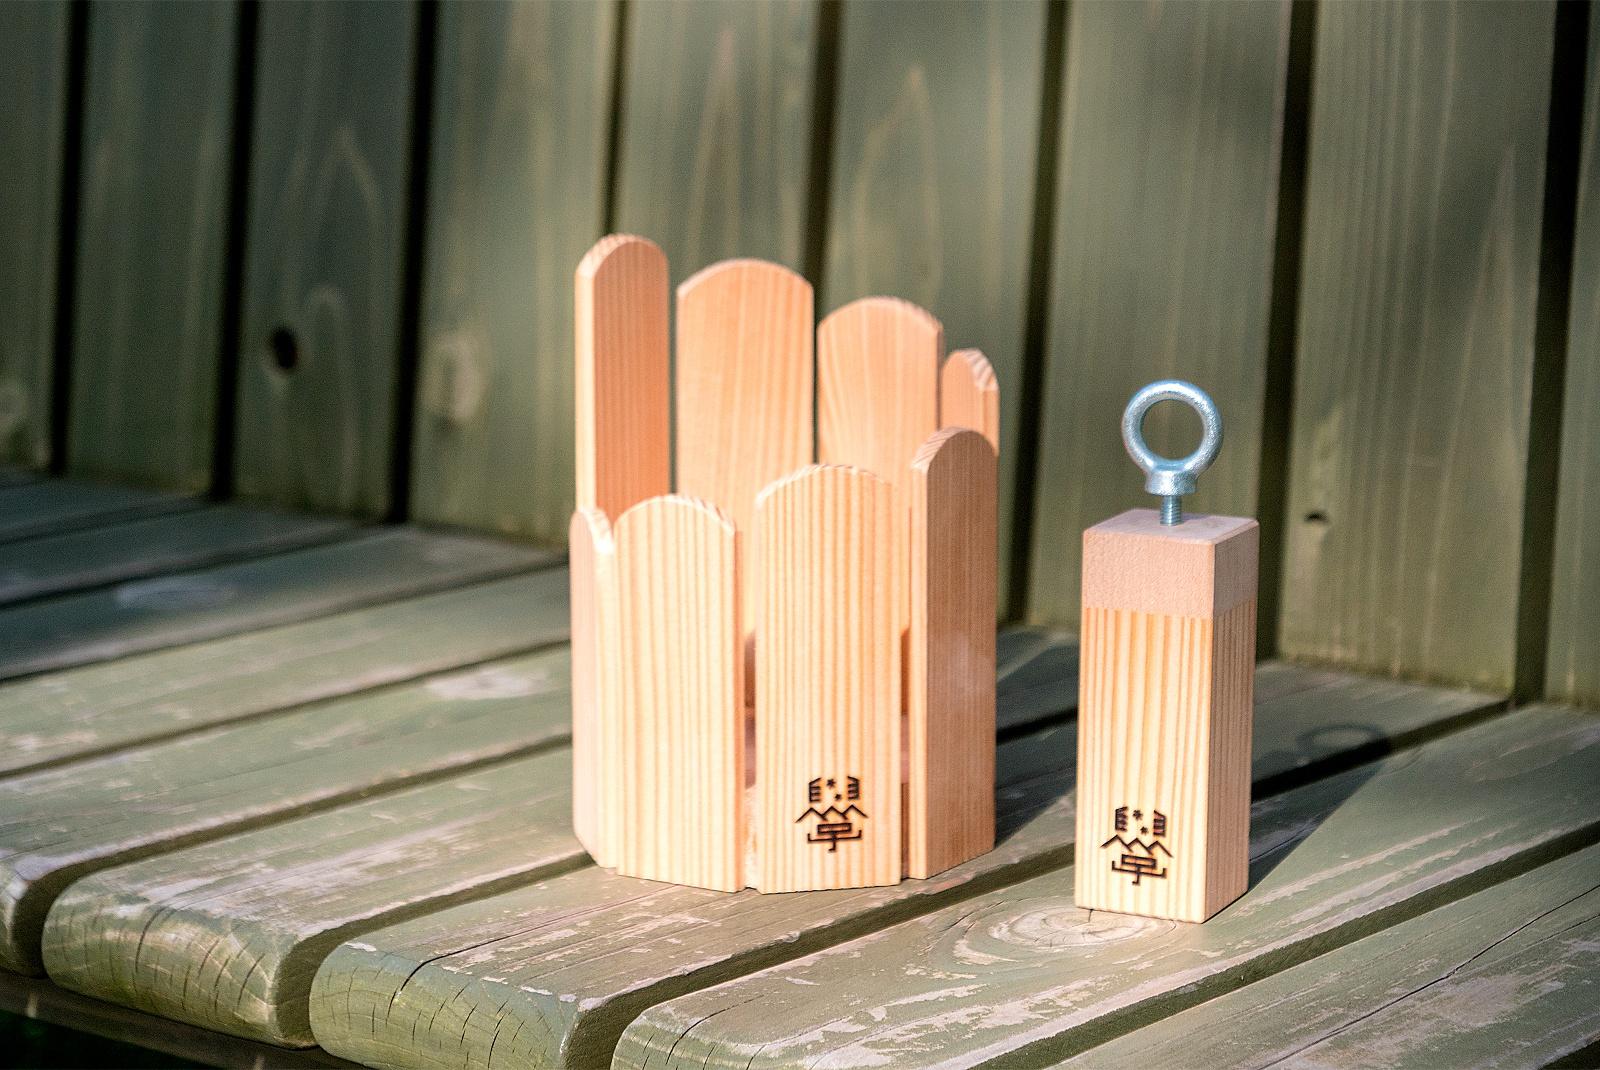 間伐材で楽器づくりに挑戦!大雪山大学「森の音いろワークショップ」